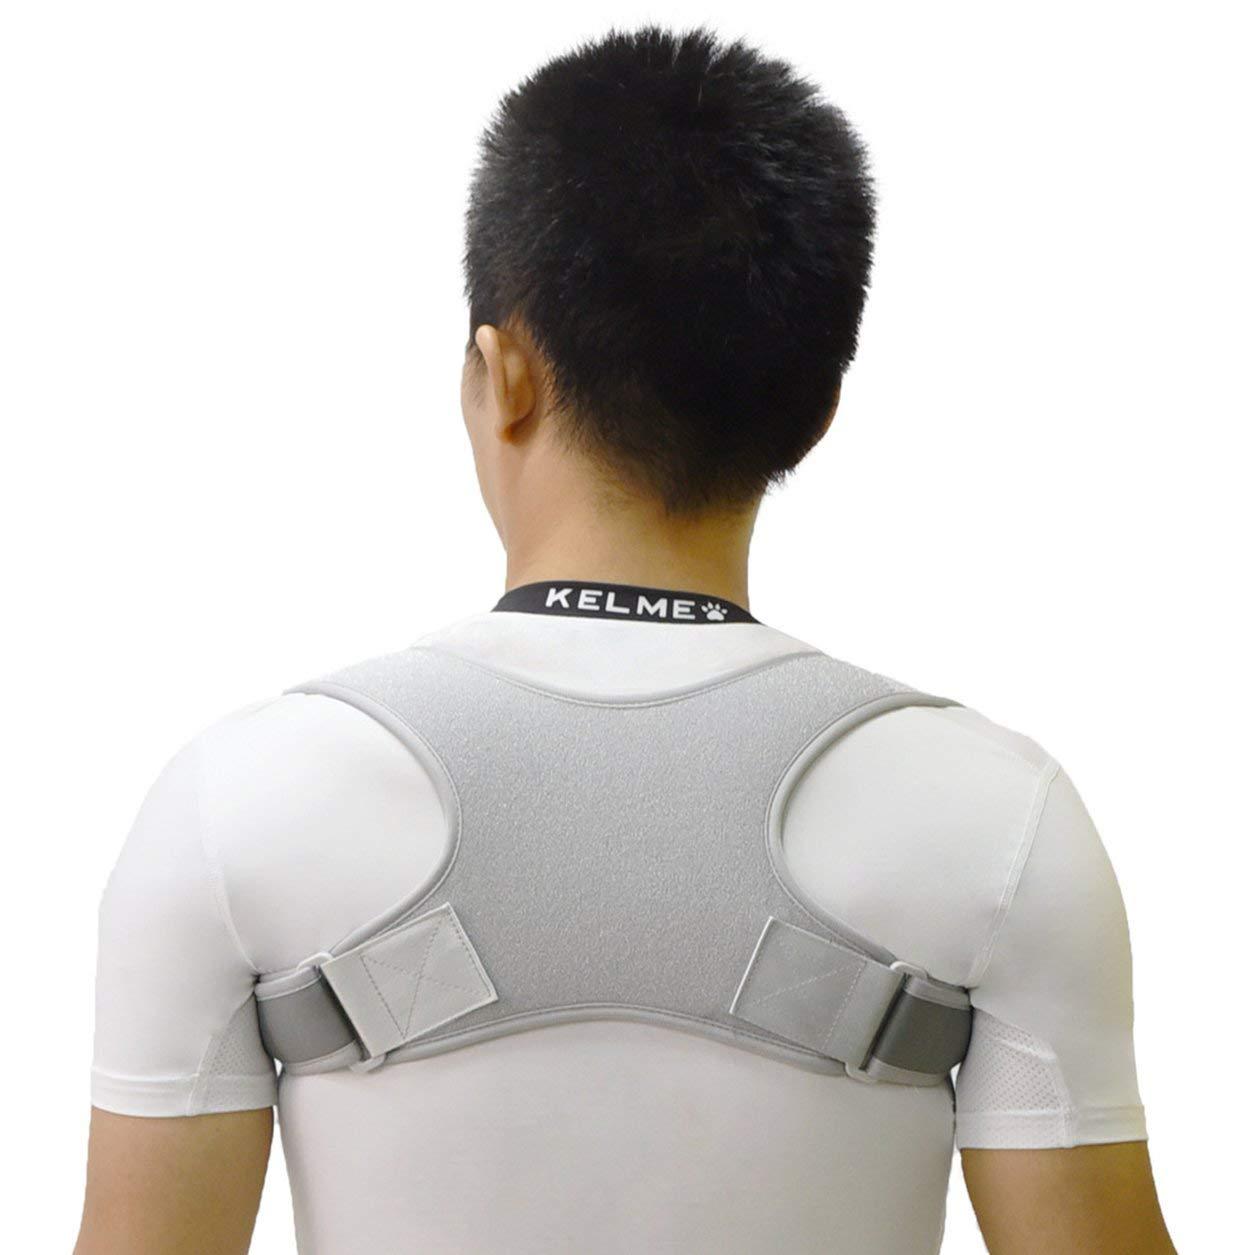 Nouveau haut du dos Posture Correcteur Posture Clavicule Soutien Correcteur Dos /épaules droites Brace Sangle Correctpor